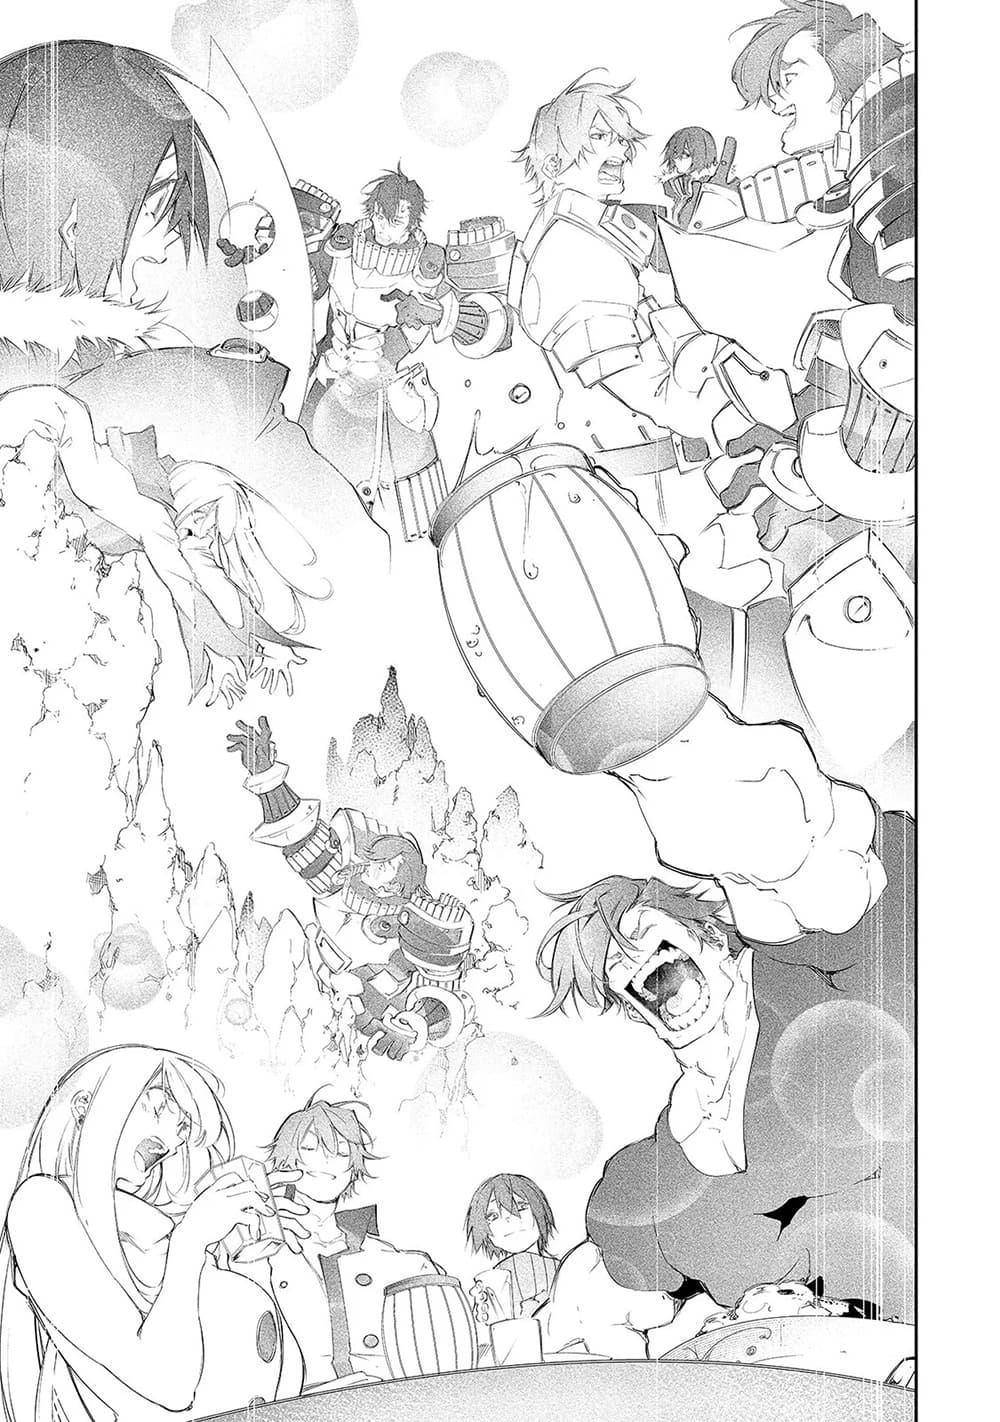 อ่านการ์ตูน Saikyou no Shien-shoku Wajutsushi Dearu Ore wa Sekai Saikyou Kuran o Shitagaeru ตอนที่ 8 หน้าที่ 18